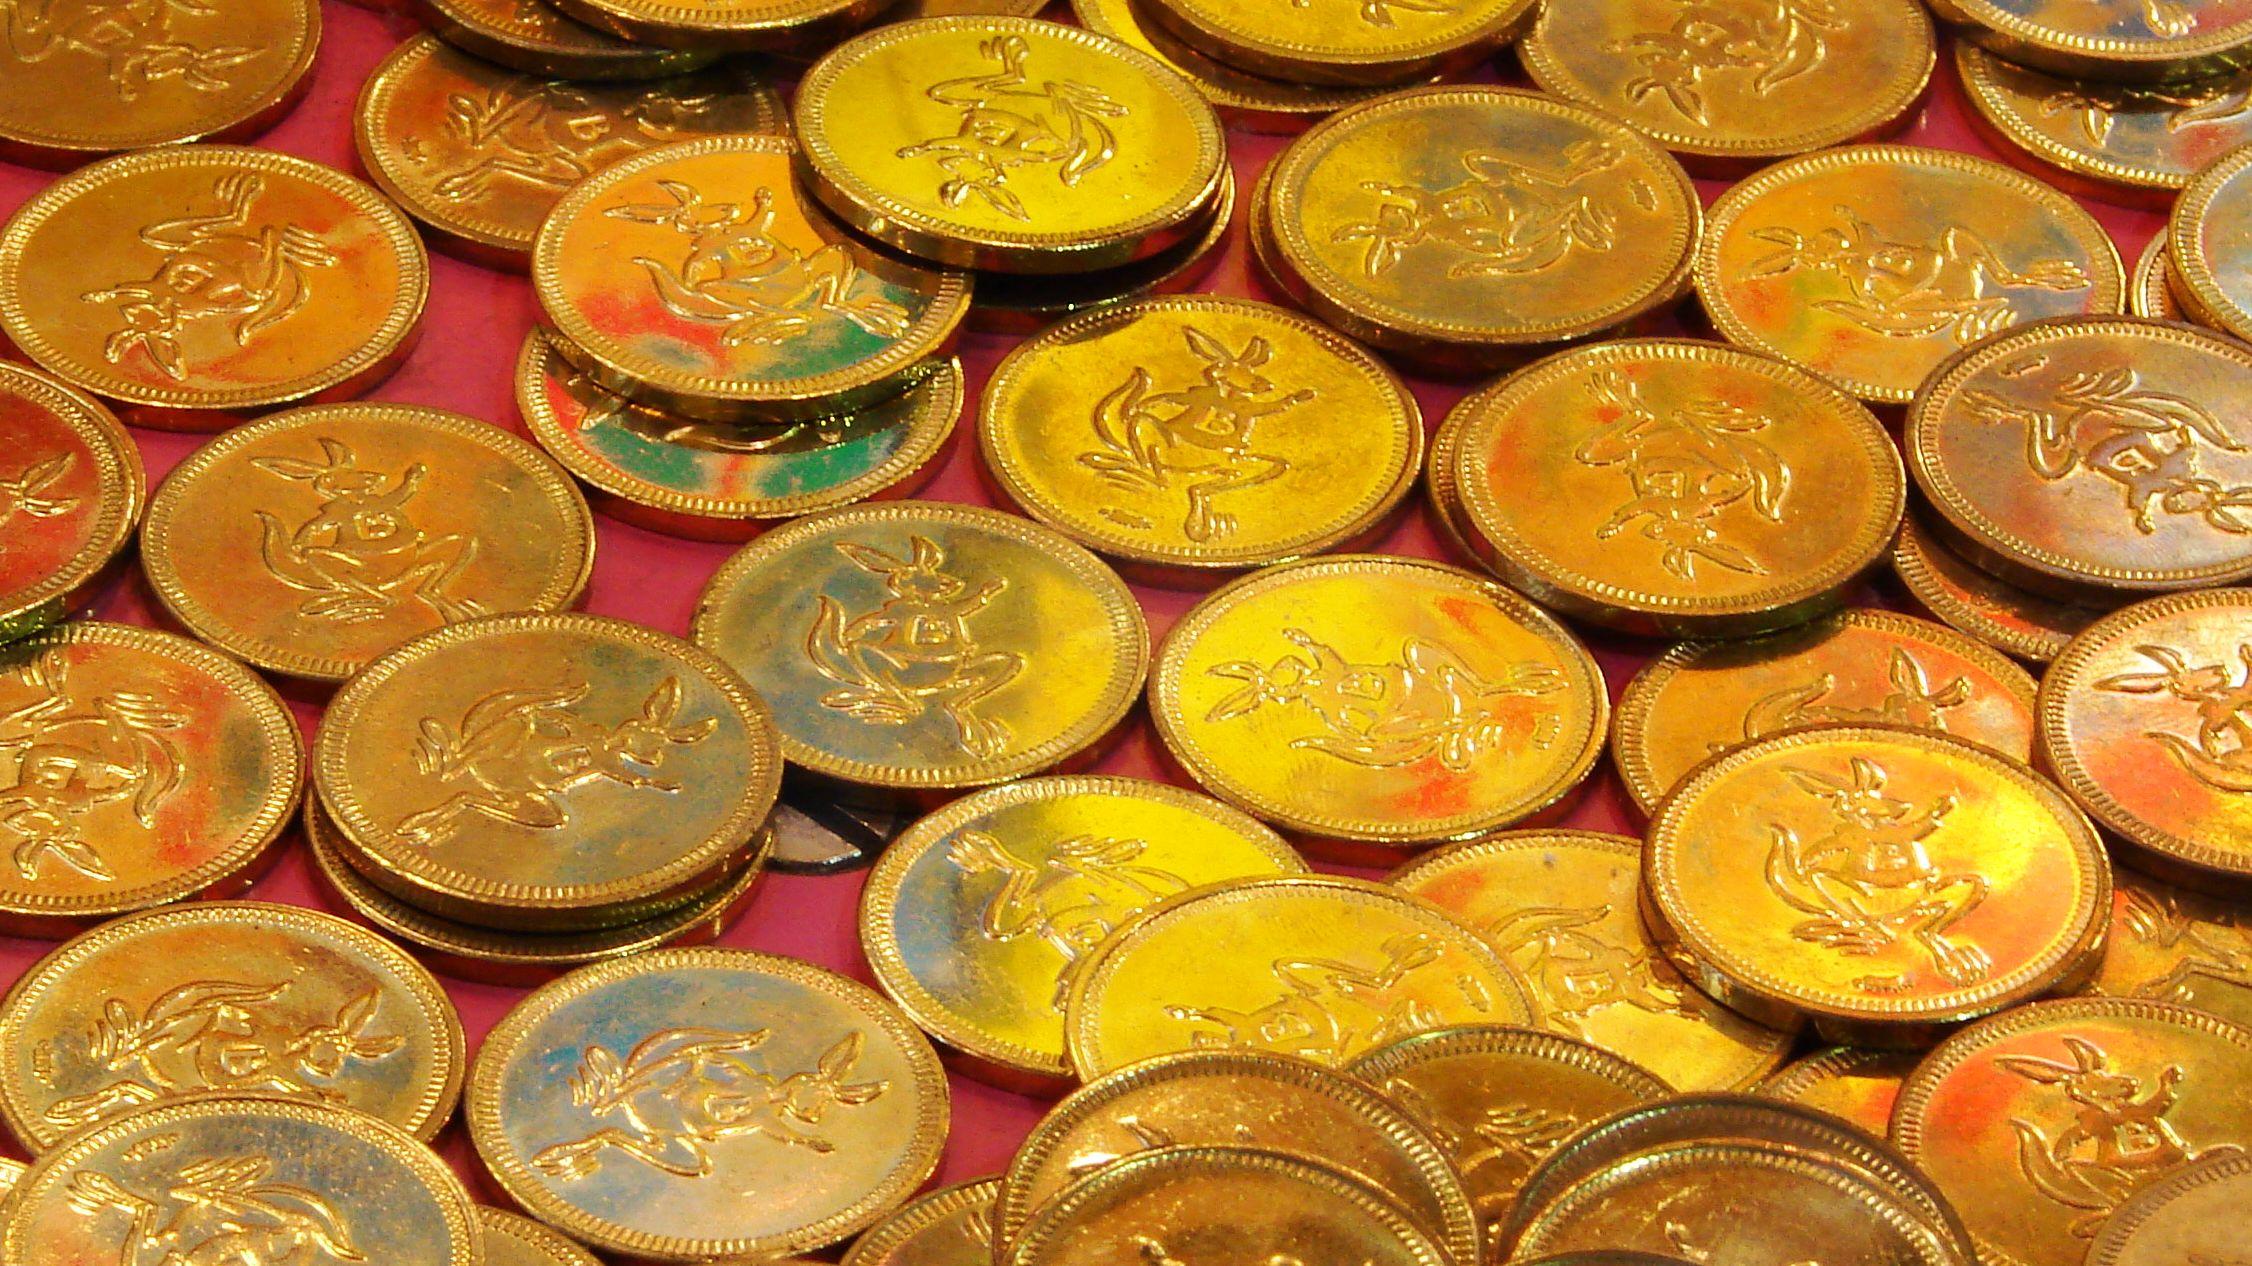 暗号通貨はすべて有価証券? スイスと米国、規制方針の違い